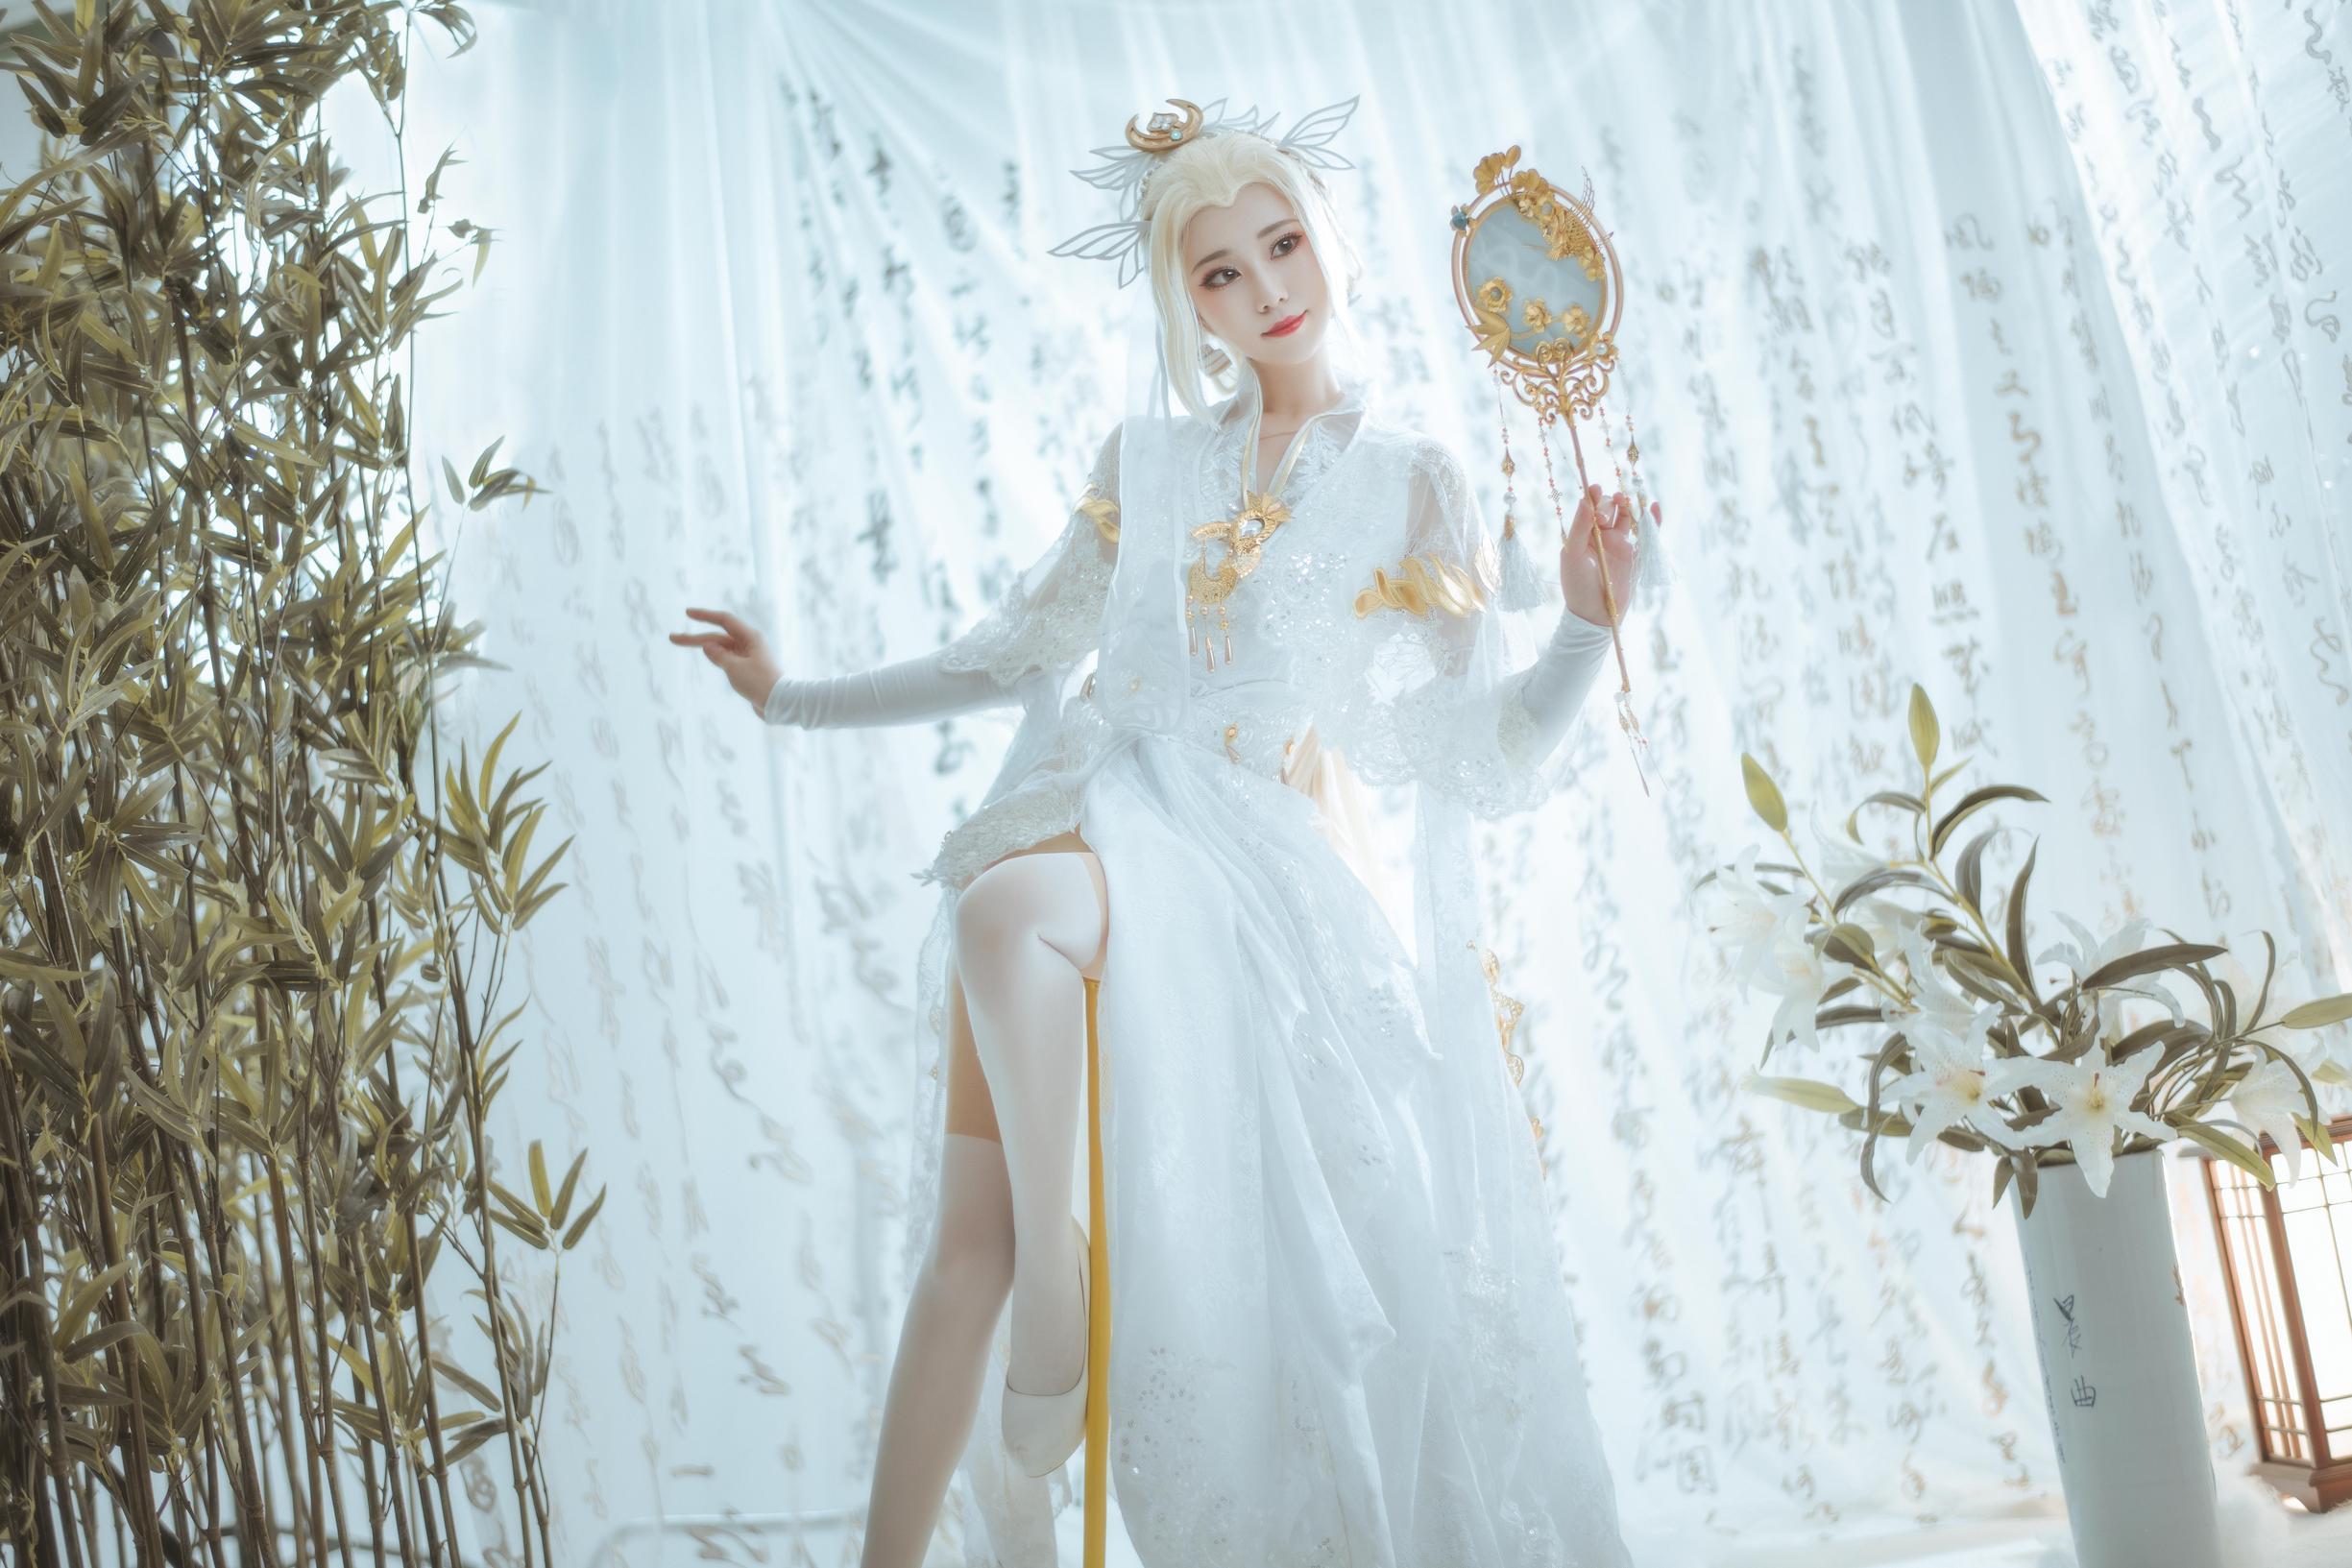 《剑侠情缘网络版叁》游戏cosplay【CN:猴爷】-第3张